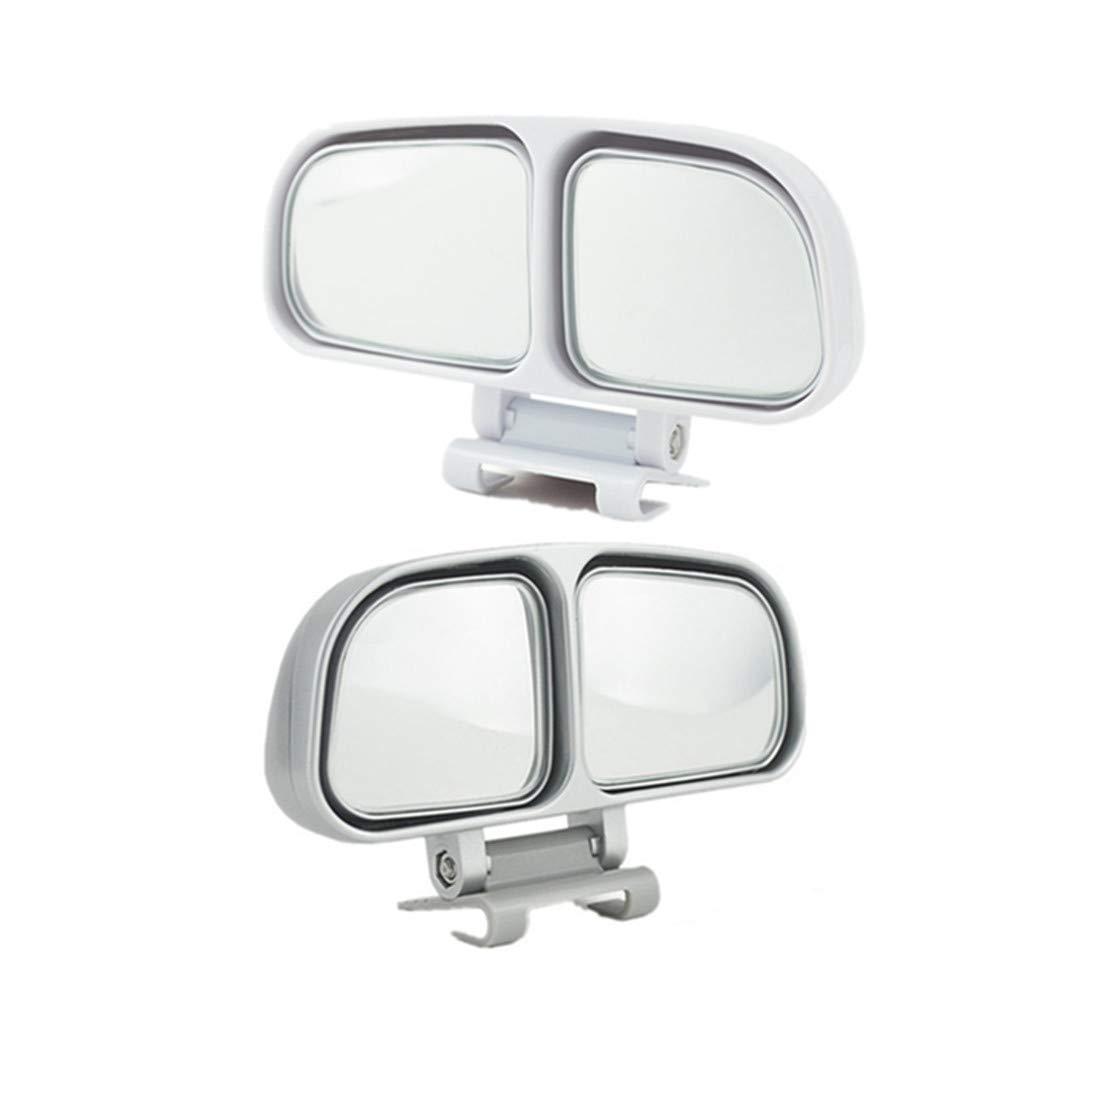 JMAHM 1 Paar Blinden Fleck Spiegel Auxiliary Spiegel fü r Auto kann einstellbar oder fest installiert Auto Spiegel (links und rechts)